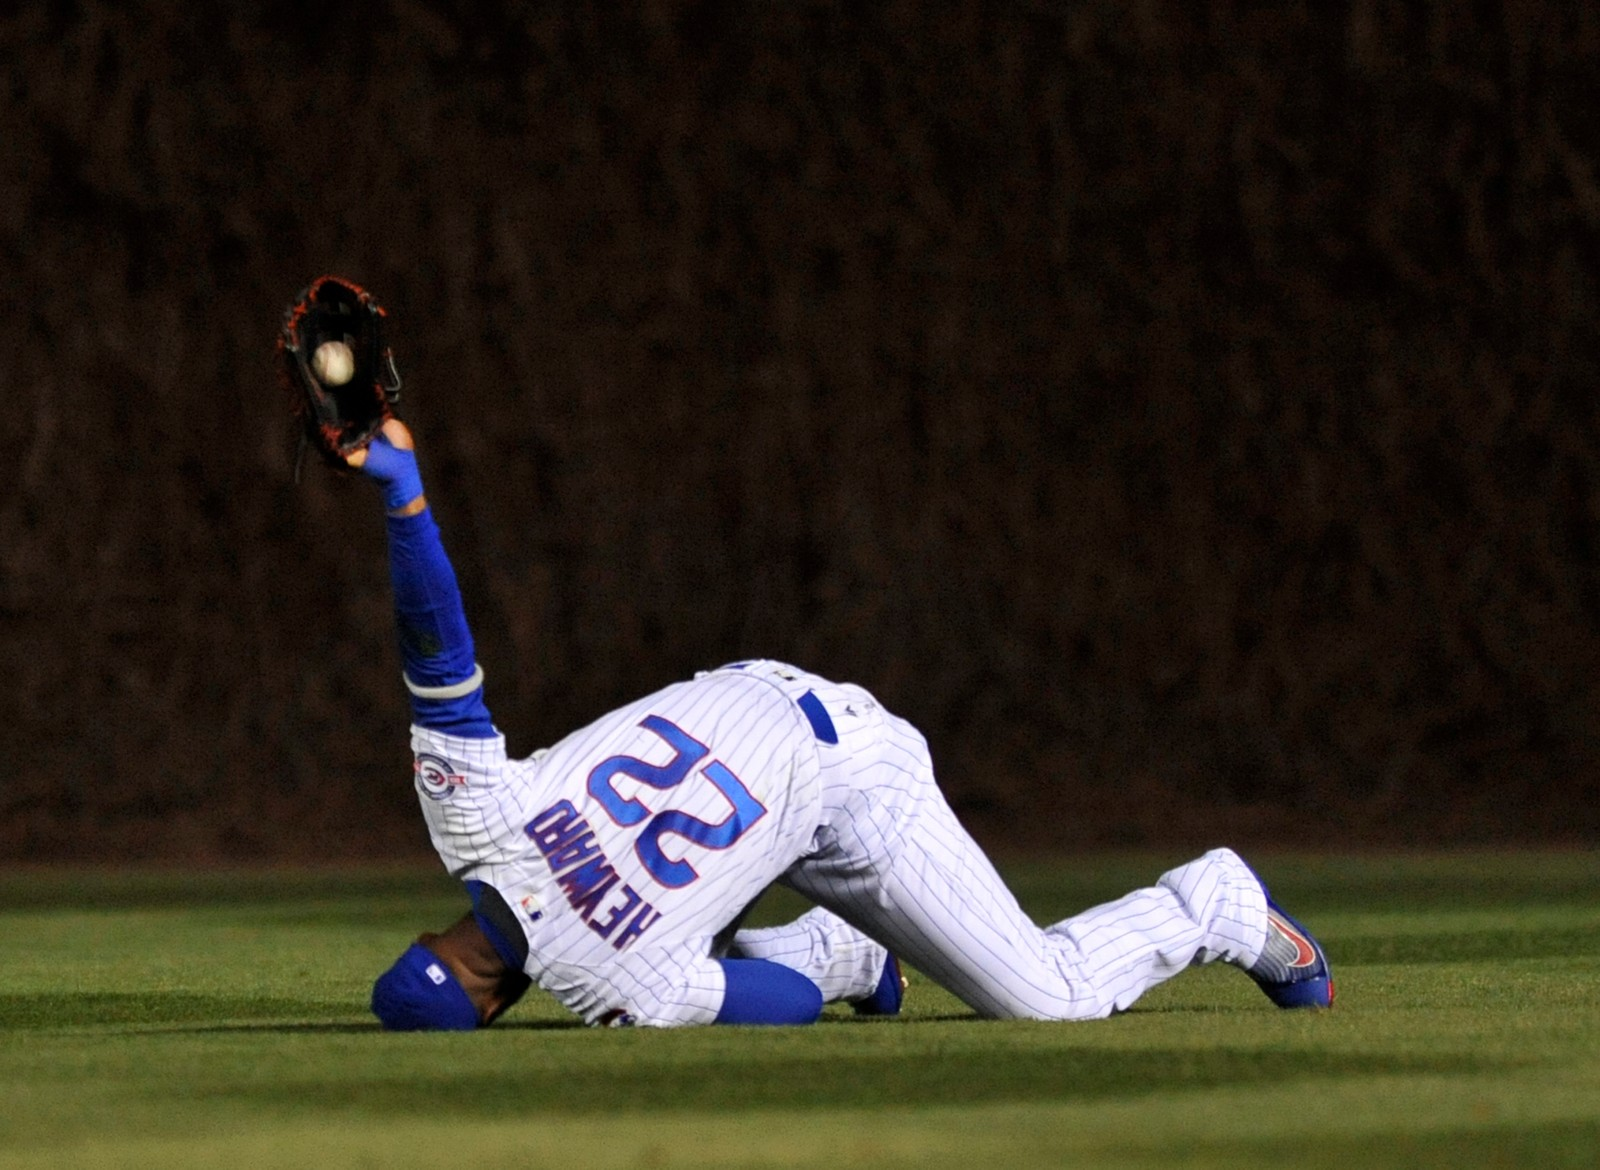 YES! Chicago Cubs-spiller Jason Heyward klarte å fange ballen under onsdagens baseballkamp mot Cincinnati Reds i fjerde inning. Cubs vant til slutt 9-2.